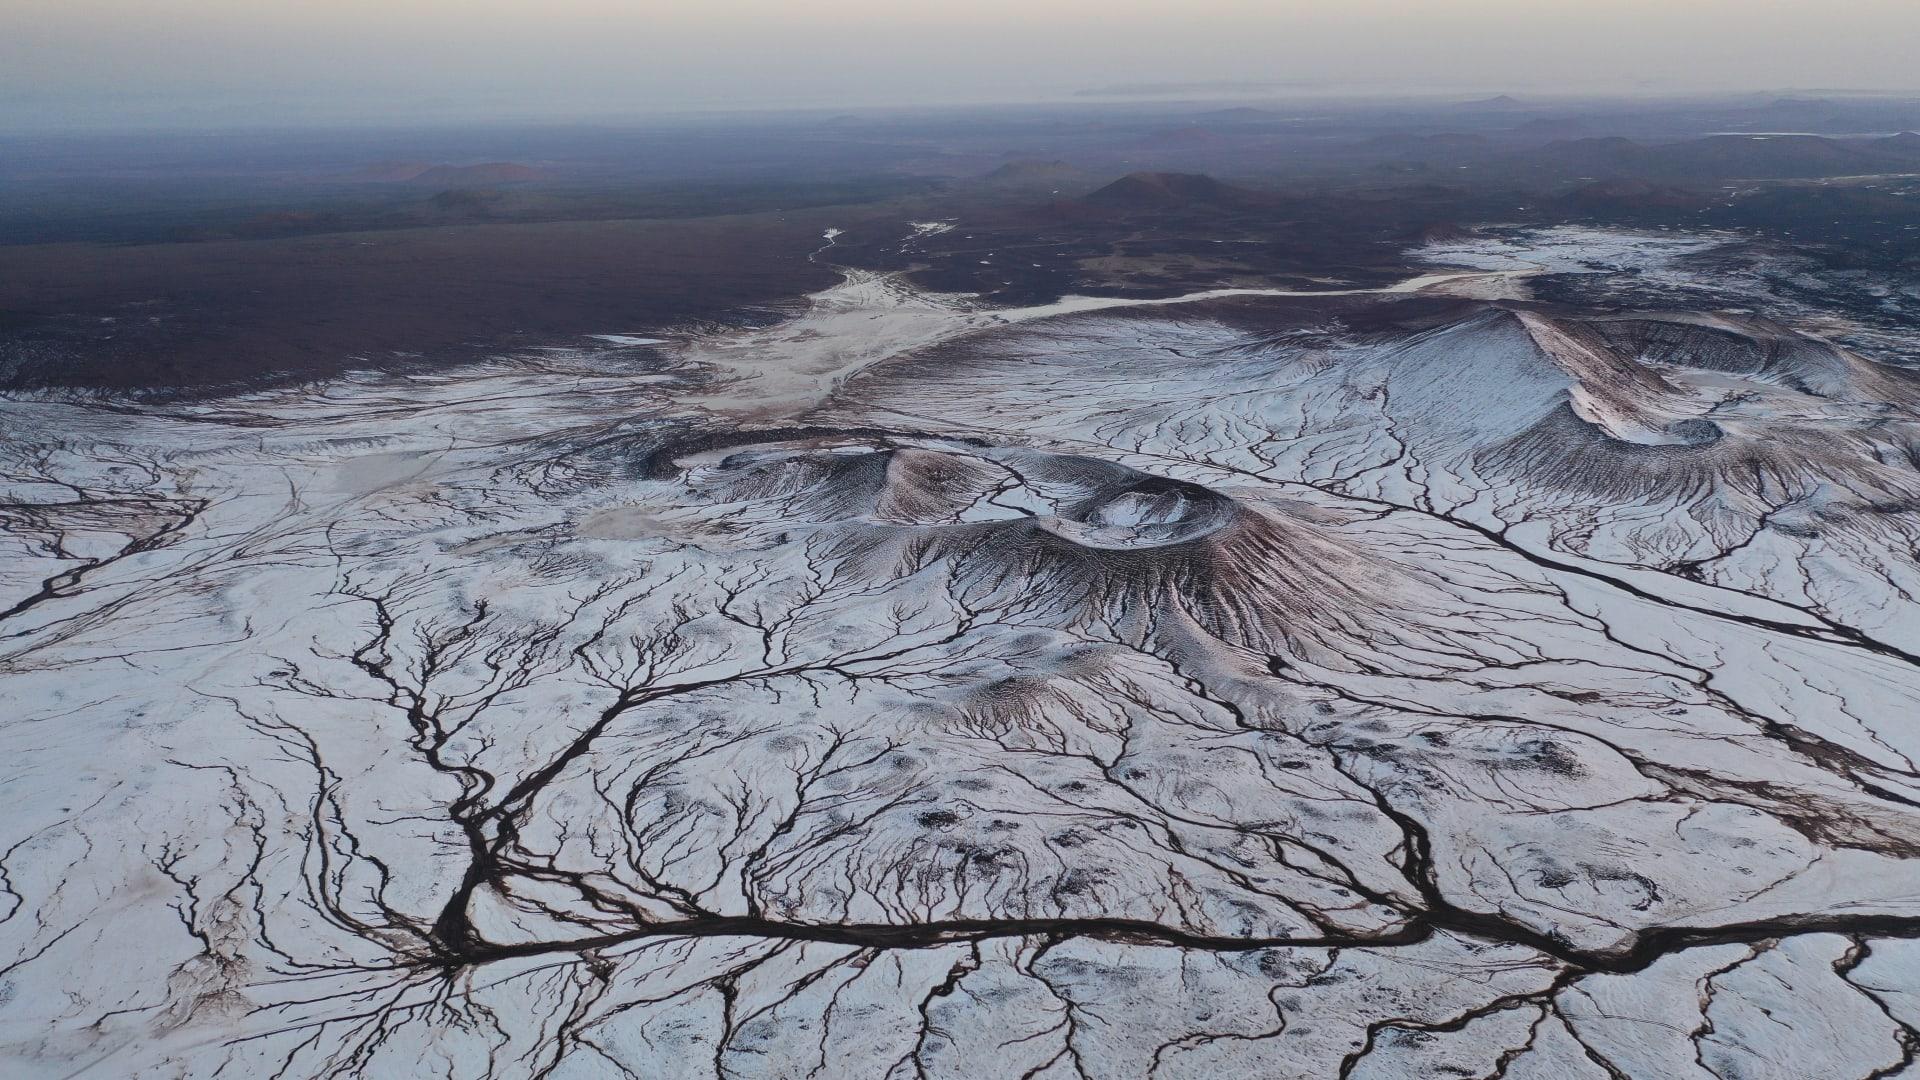 فيضان من حبات البرد يتدفق عبر الصحراء السعودية